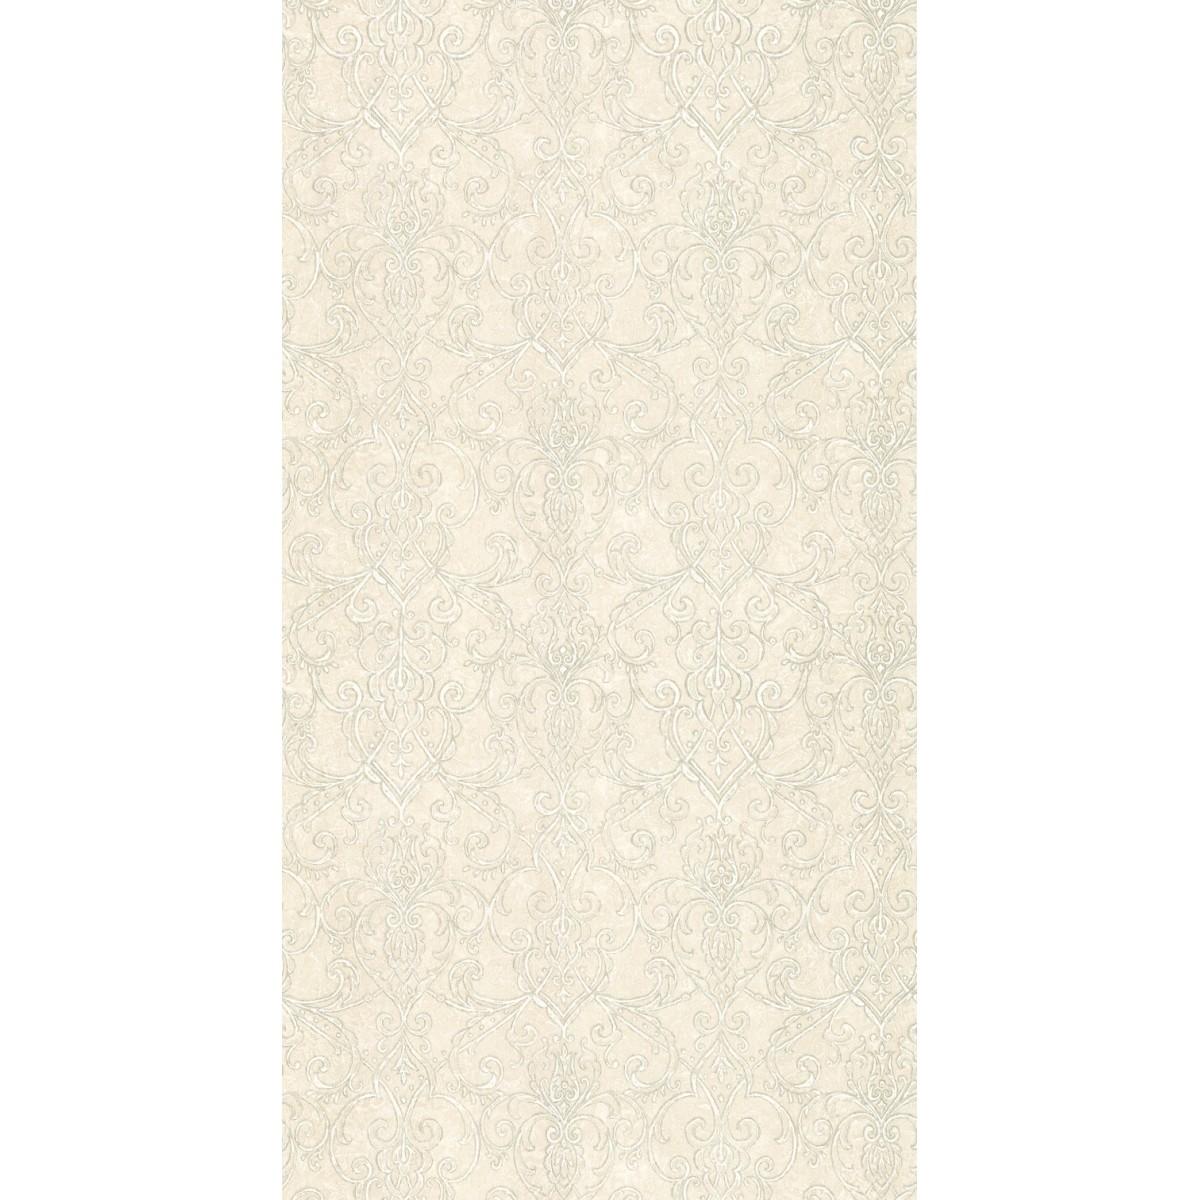 Обои виниловые Chelsea Decor Wallpapers Bramhall бежевые CD001038 0.52 м